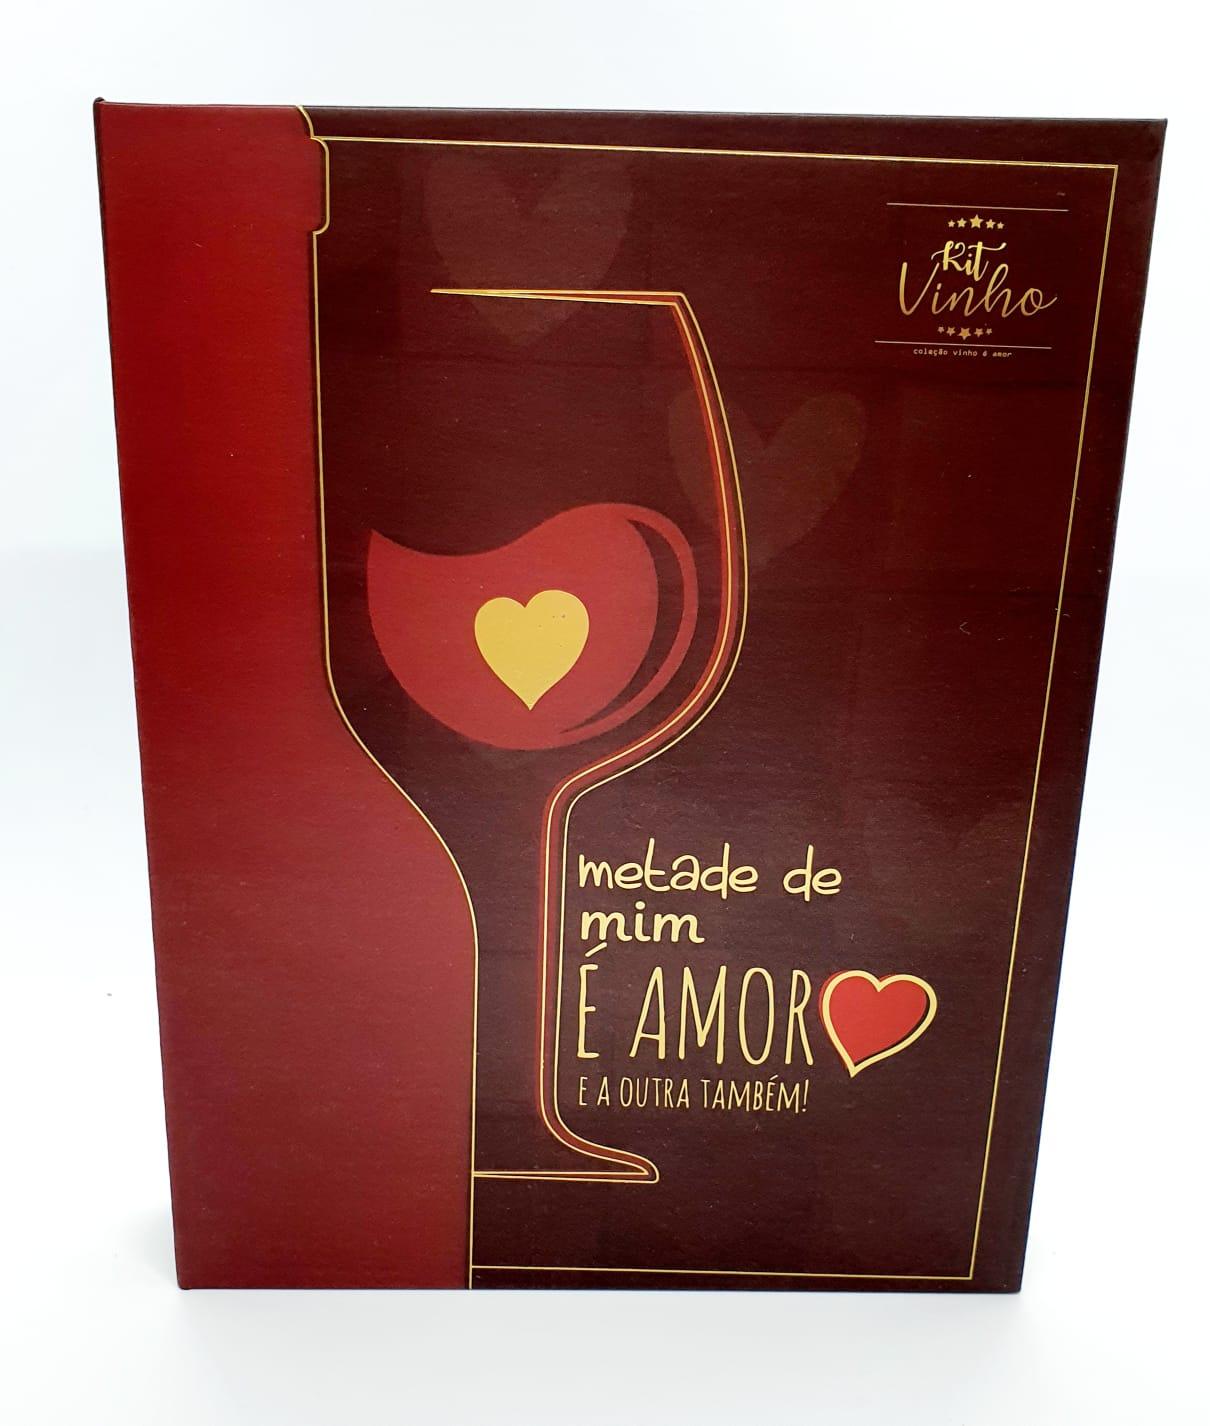 Kit Vinho - Metade de mim é amor e a outra também - 5 peças